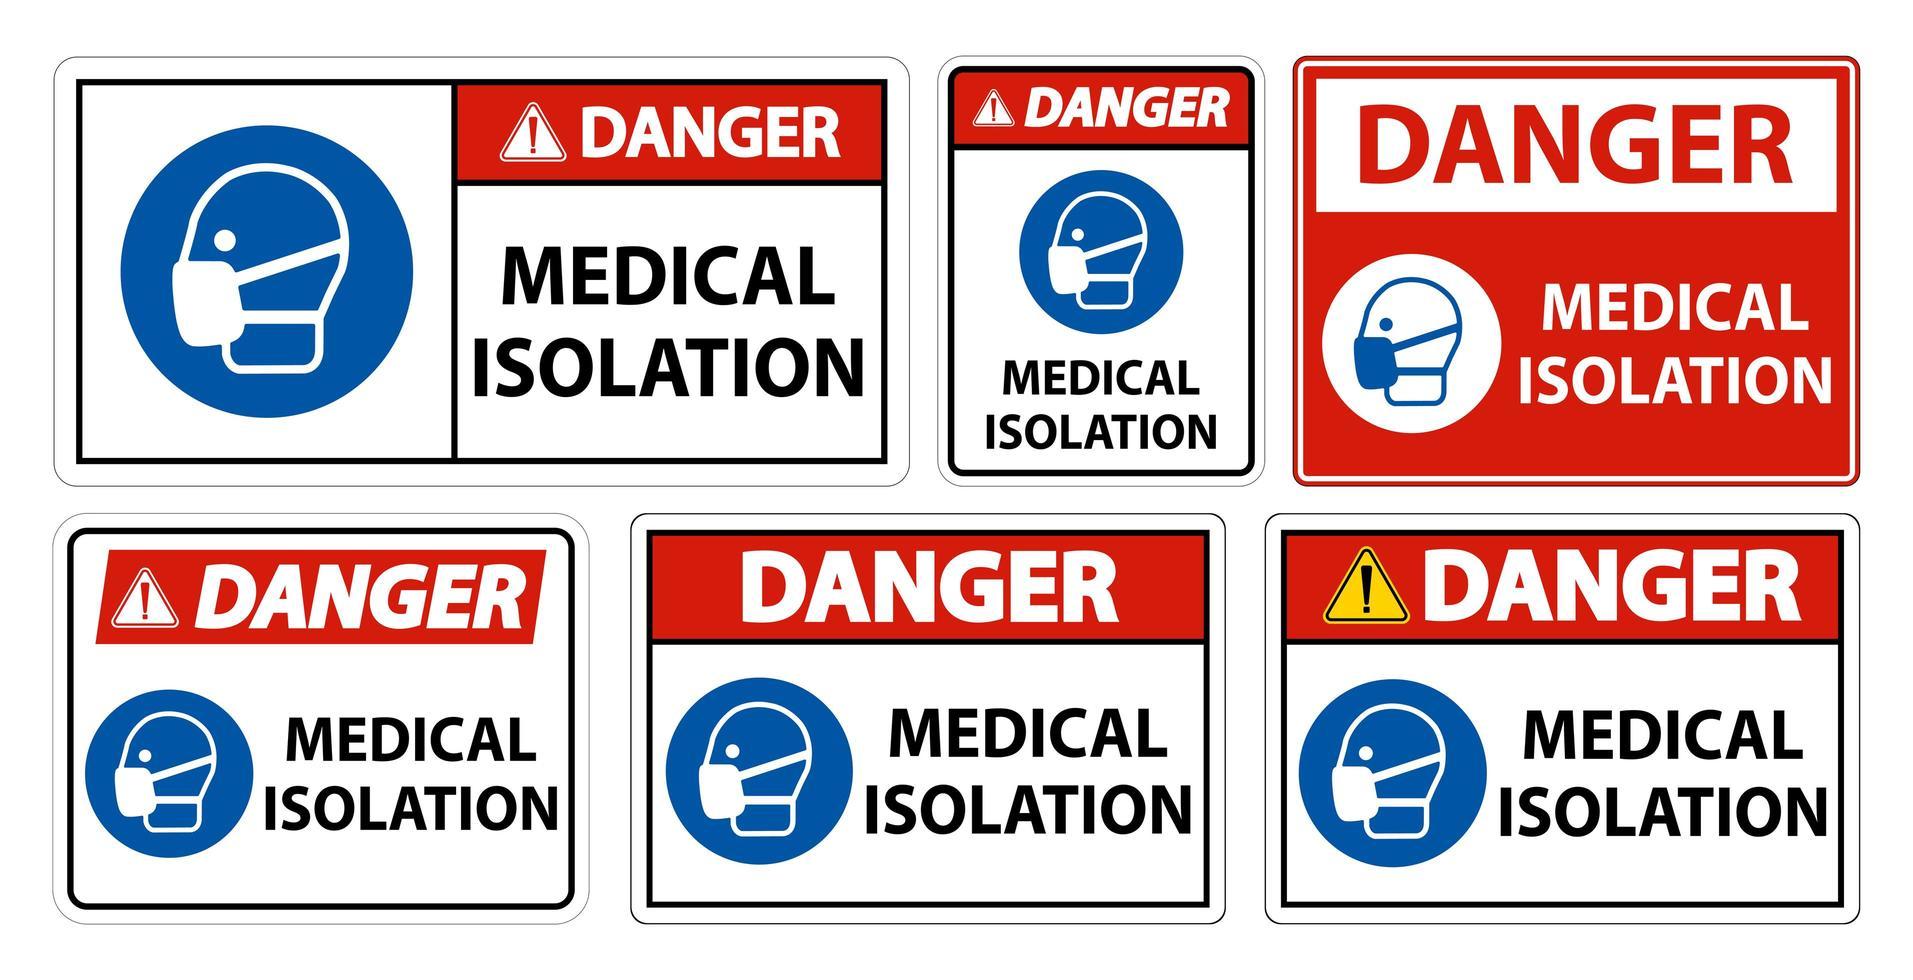 Gefahr medizinisches Isolat Zeichensatz vektor